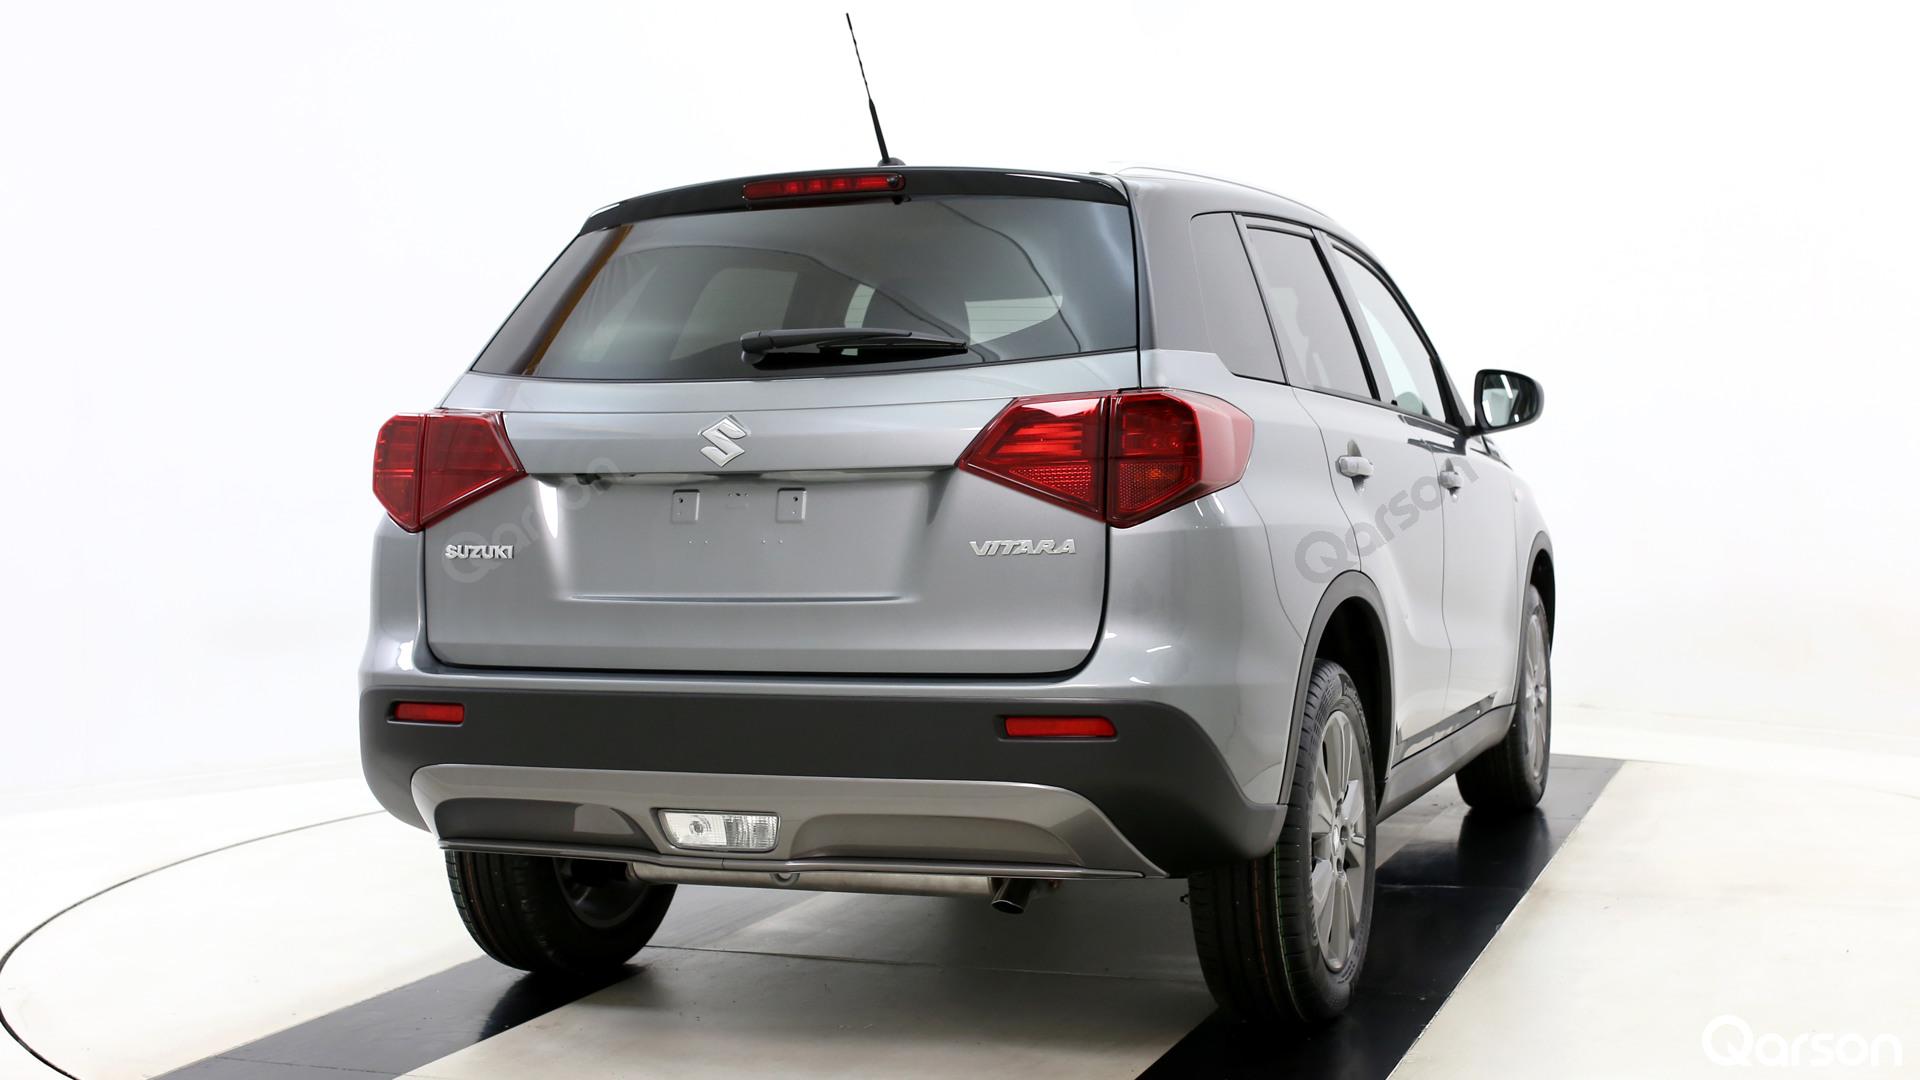 Suzuki Vitara Facelift Widok auta z tyłu z prawej strony pod kątem 30 stopni